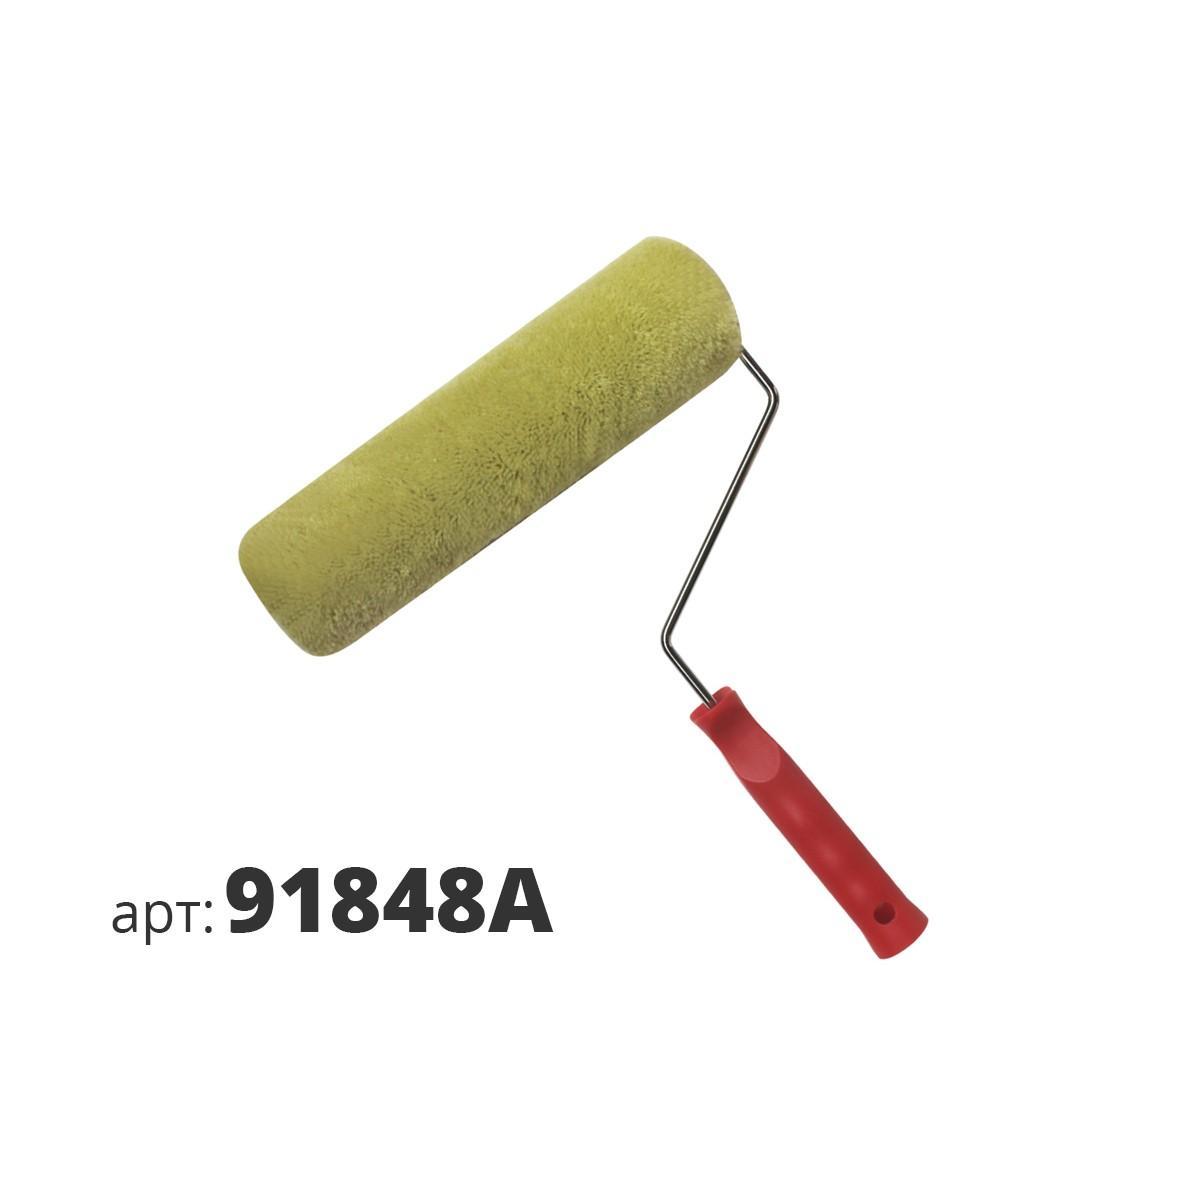 Валик зеленый вязаный полиакрил 91848A